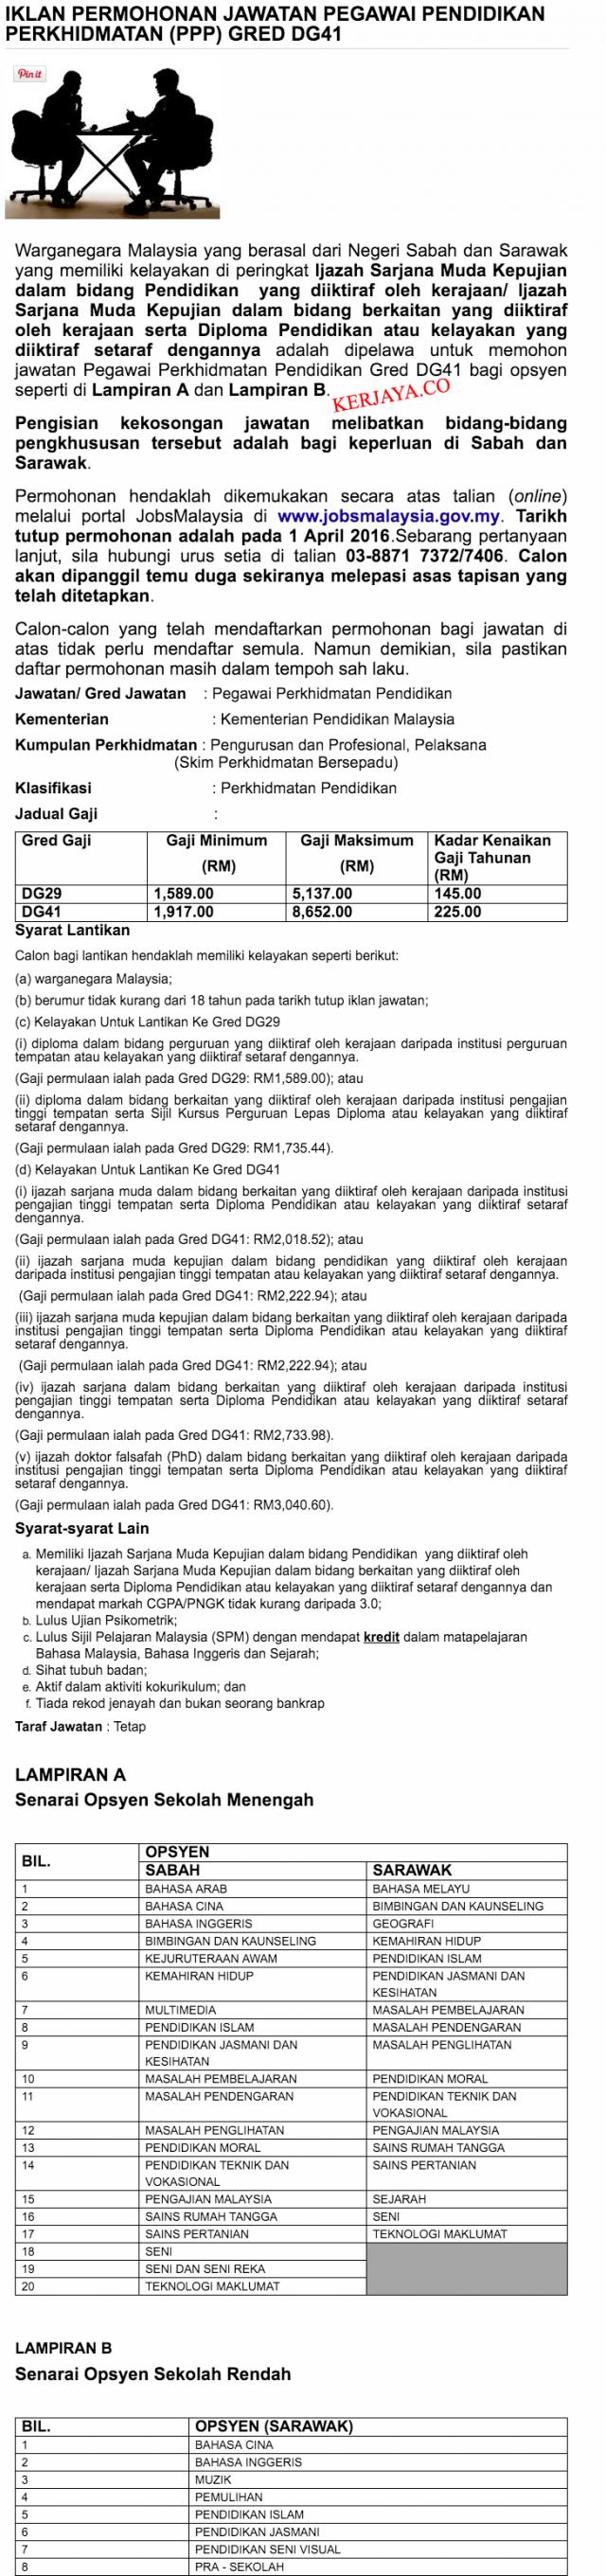 Suruhanjaya Perkhidmatan Pelajaran Malaysia IKLAN PERMOHONAN JAWATAN PEGAWAI PENDIDIKAN PERKHIDMATAN PPP GRED DG41